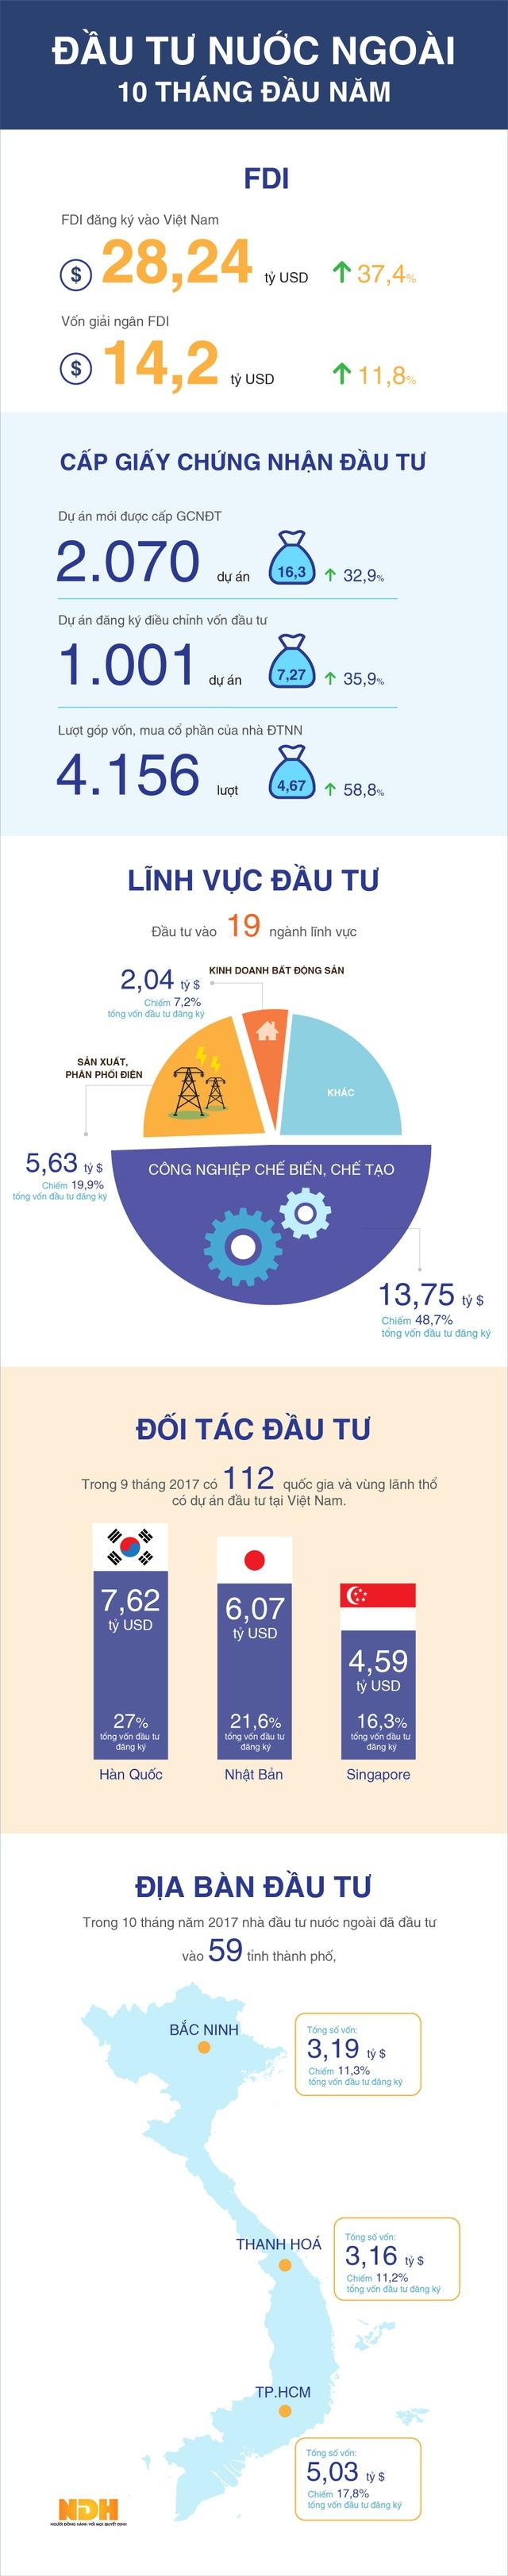 [Infographic] Gần 14 tỷ vốn FDI rót vào ngành công nghiệp chế tạo - Ảnh 1.